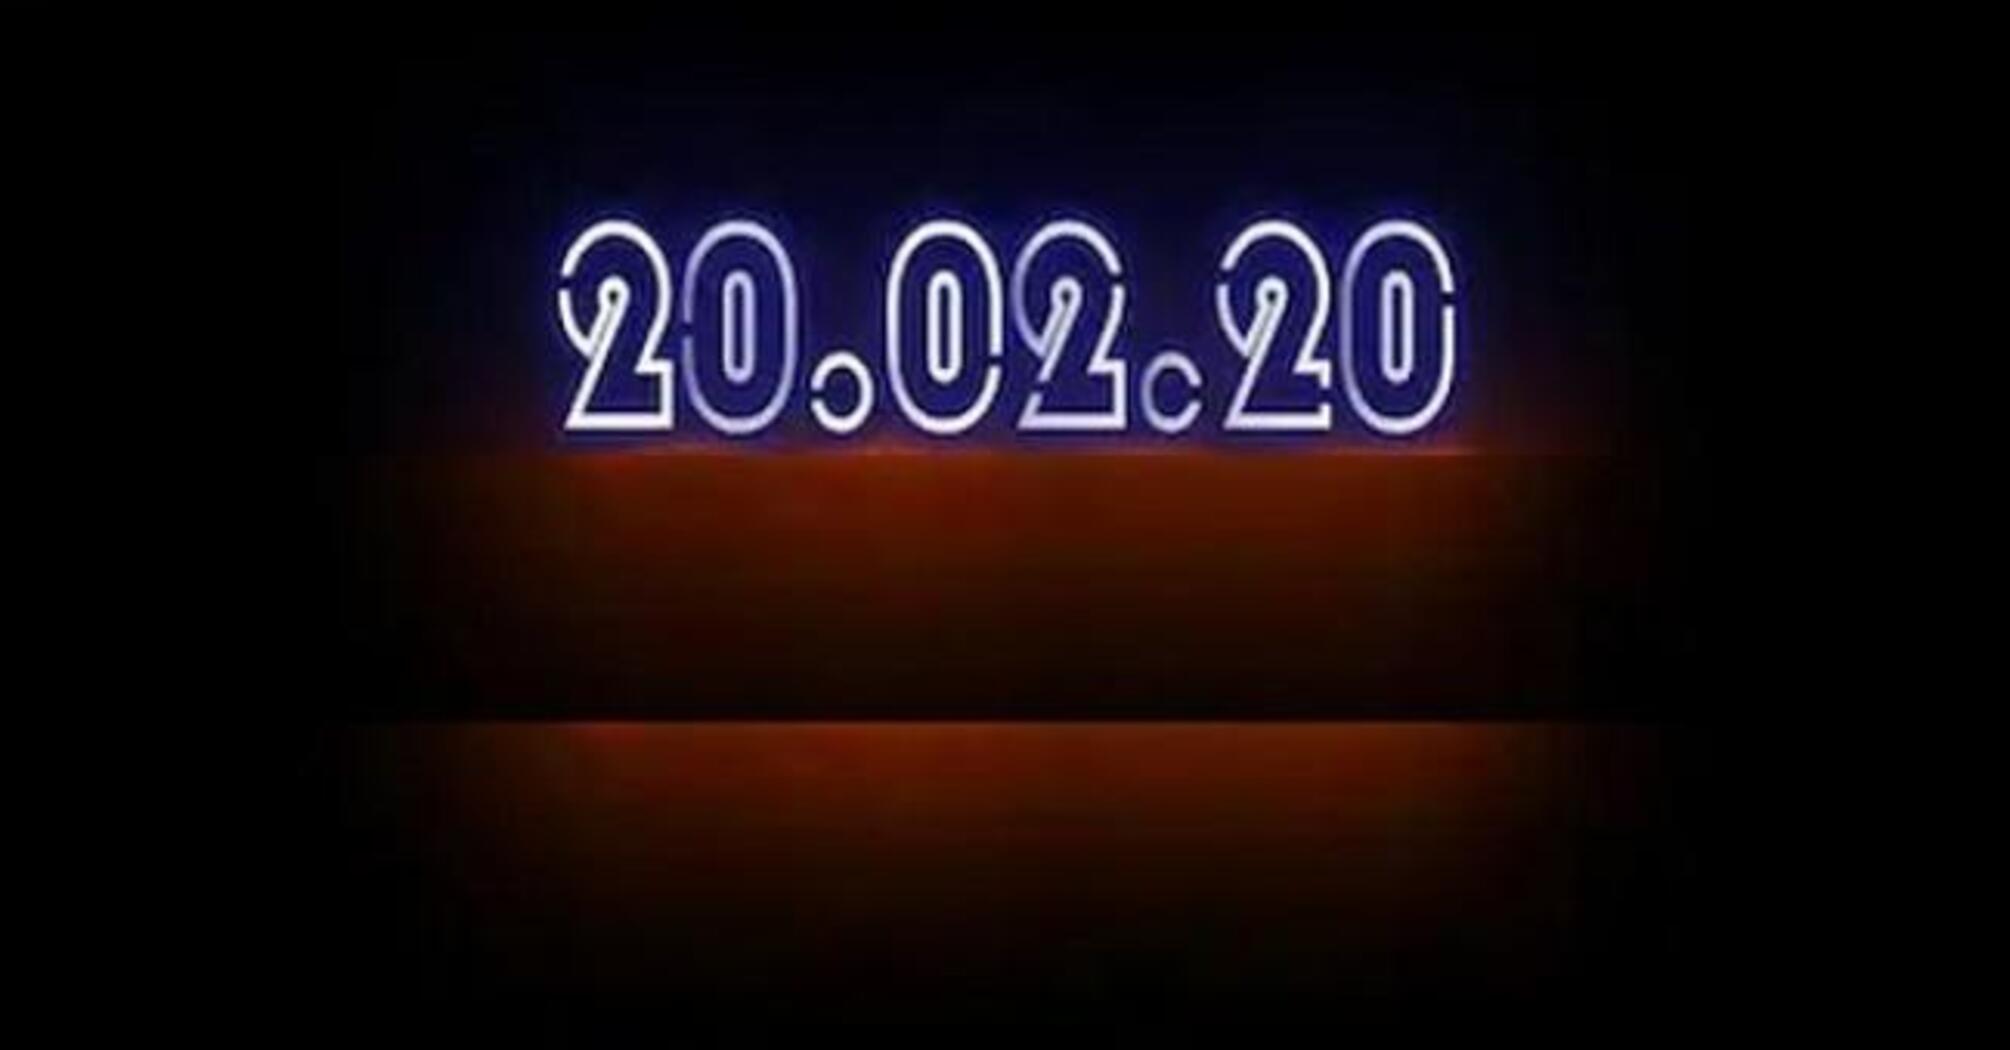 Зеркальная дата 20.02.2020 – что означают четыре двойки в нумерологии